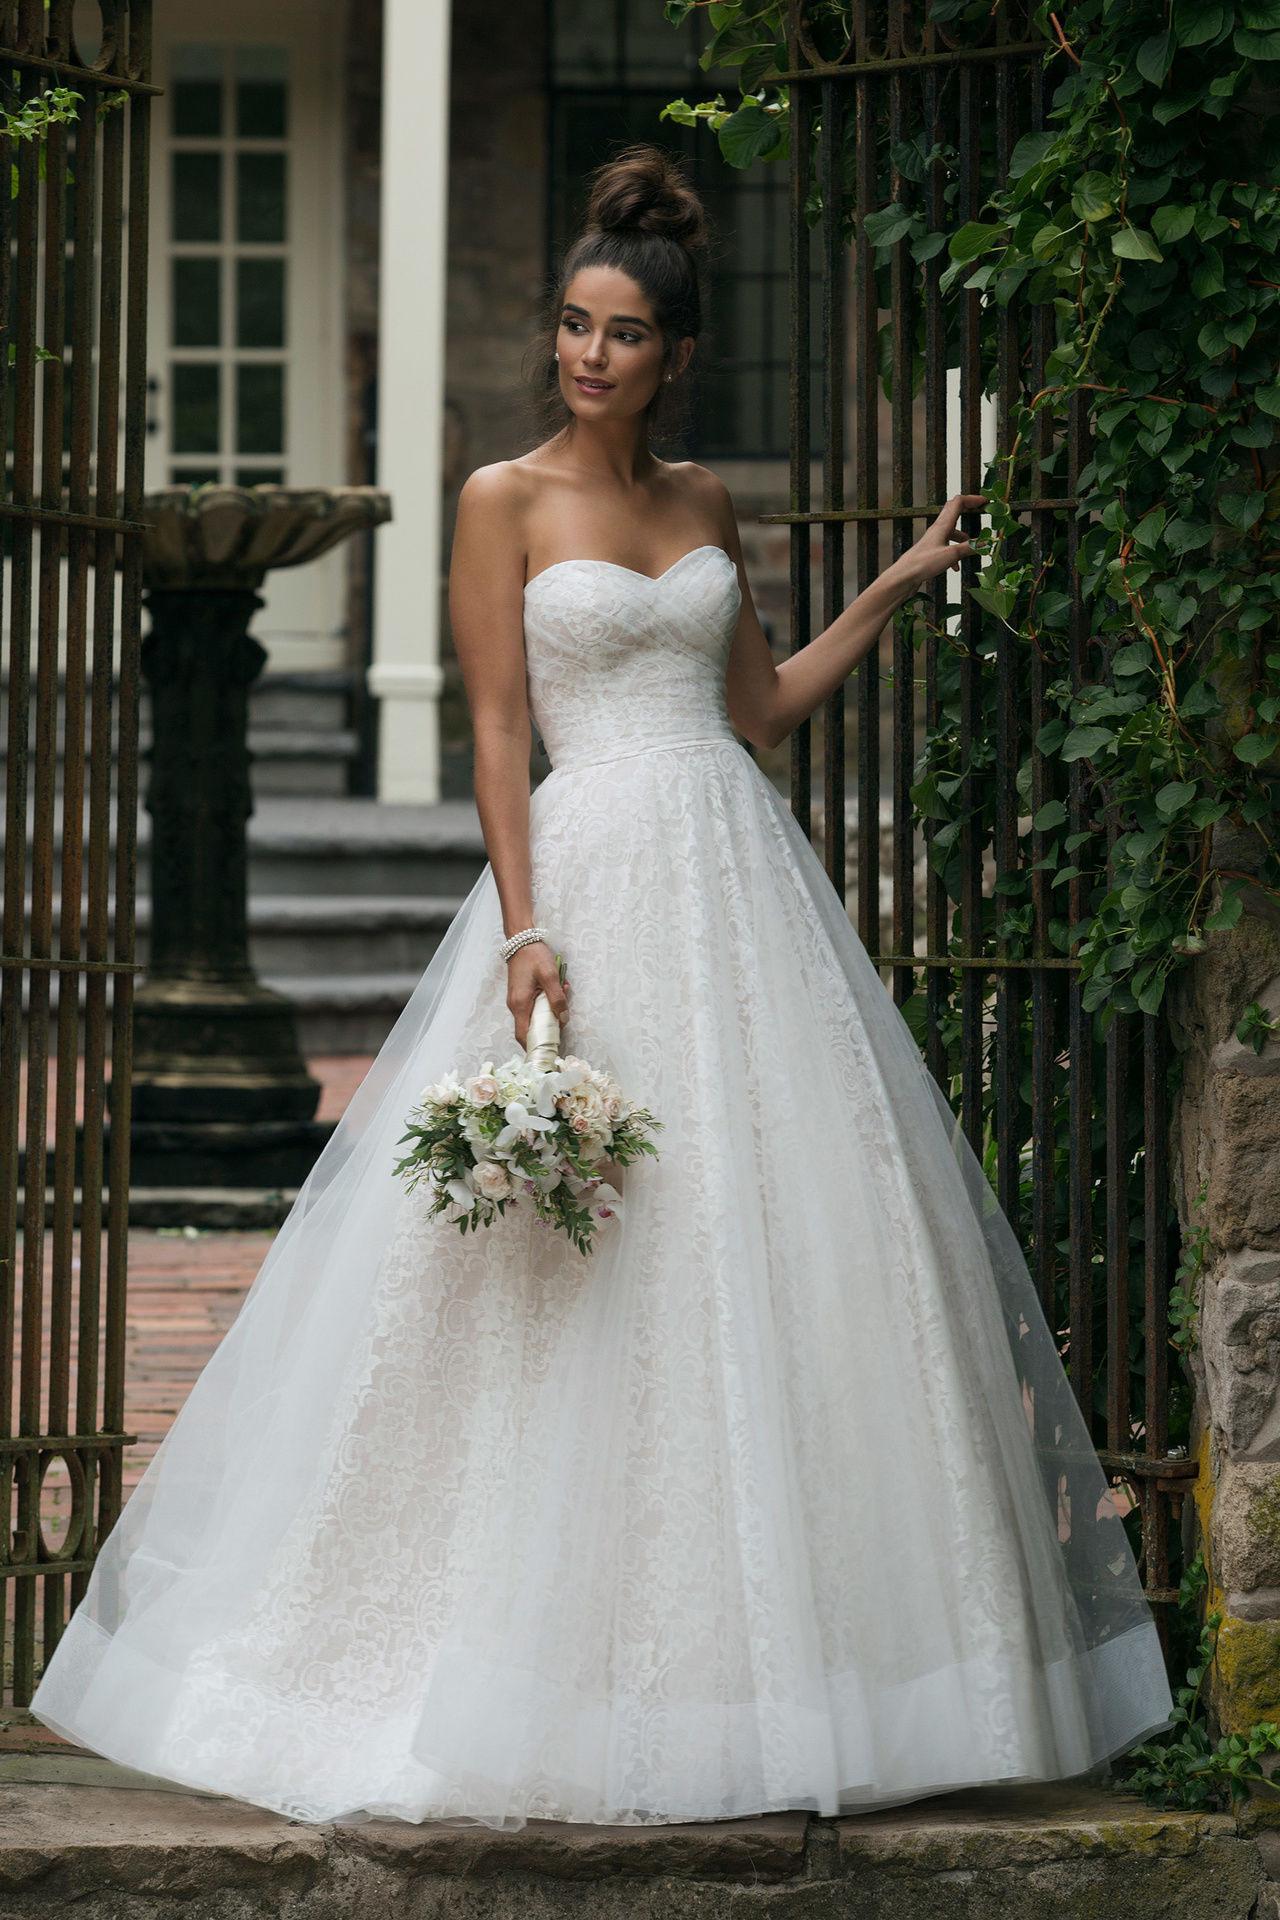 Abend Fantastisch Brautkleid Verleih Ärmel20 Luxurius Brautkleid Verleih Spezialgebiet